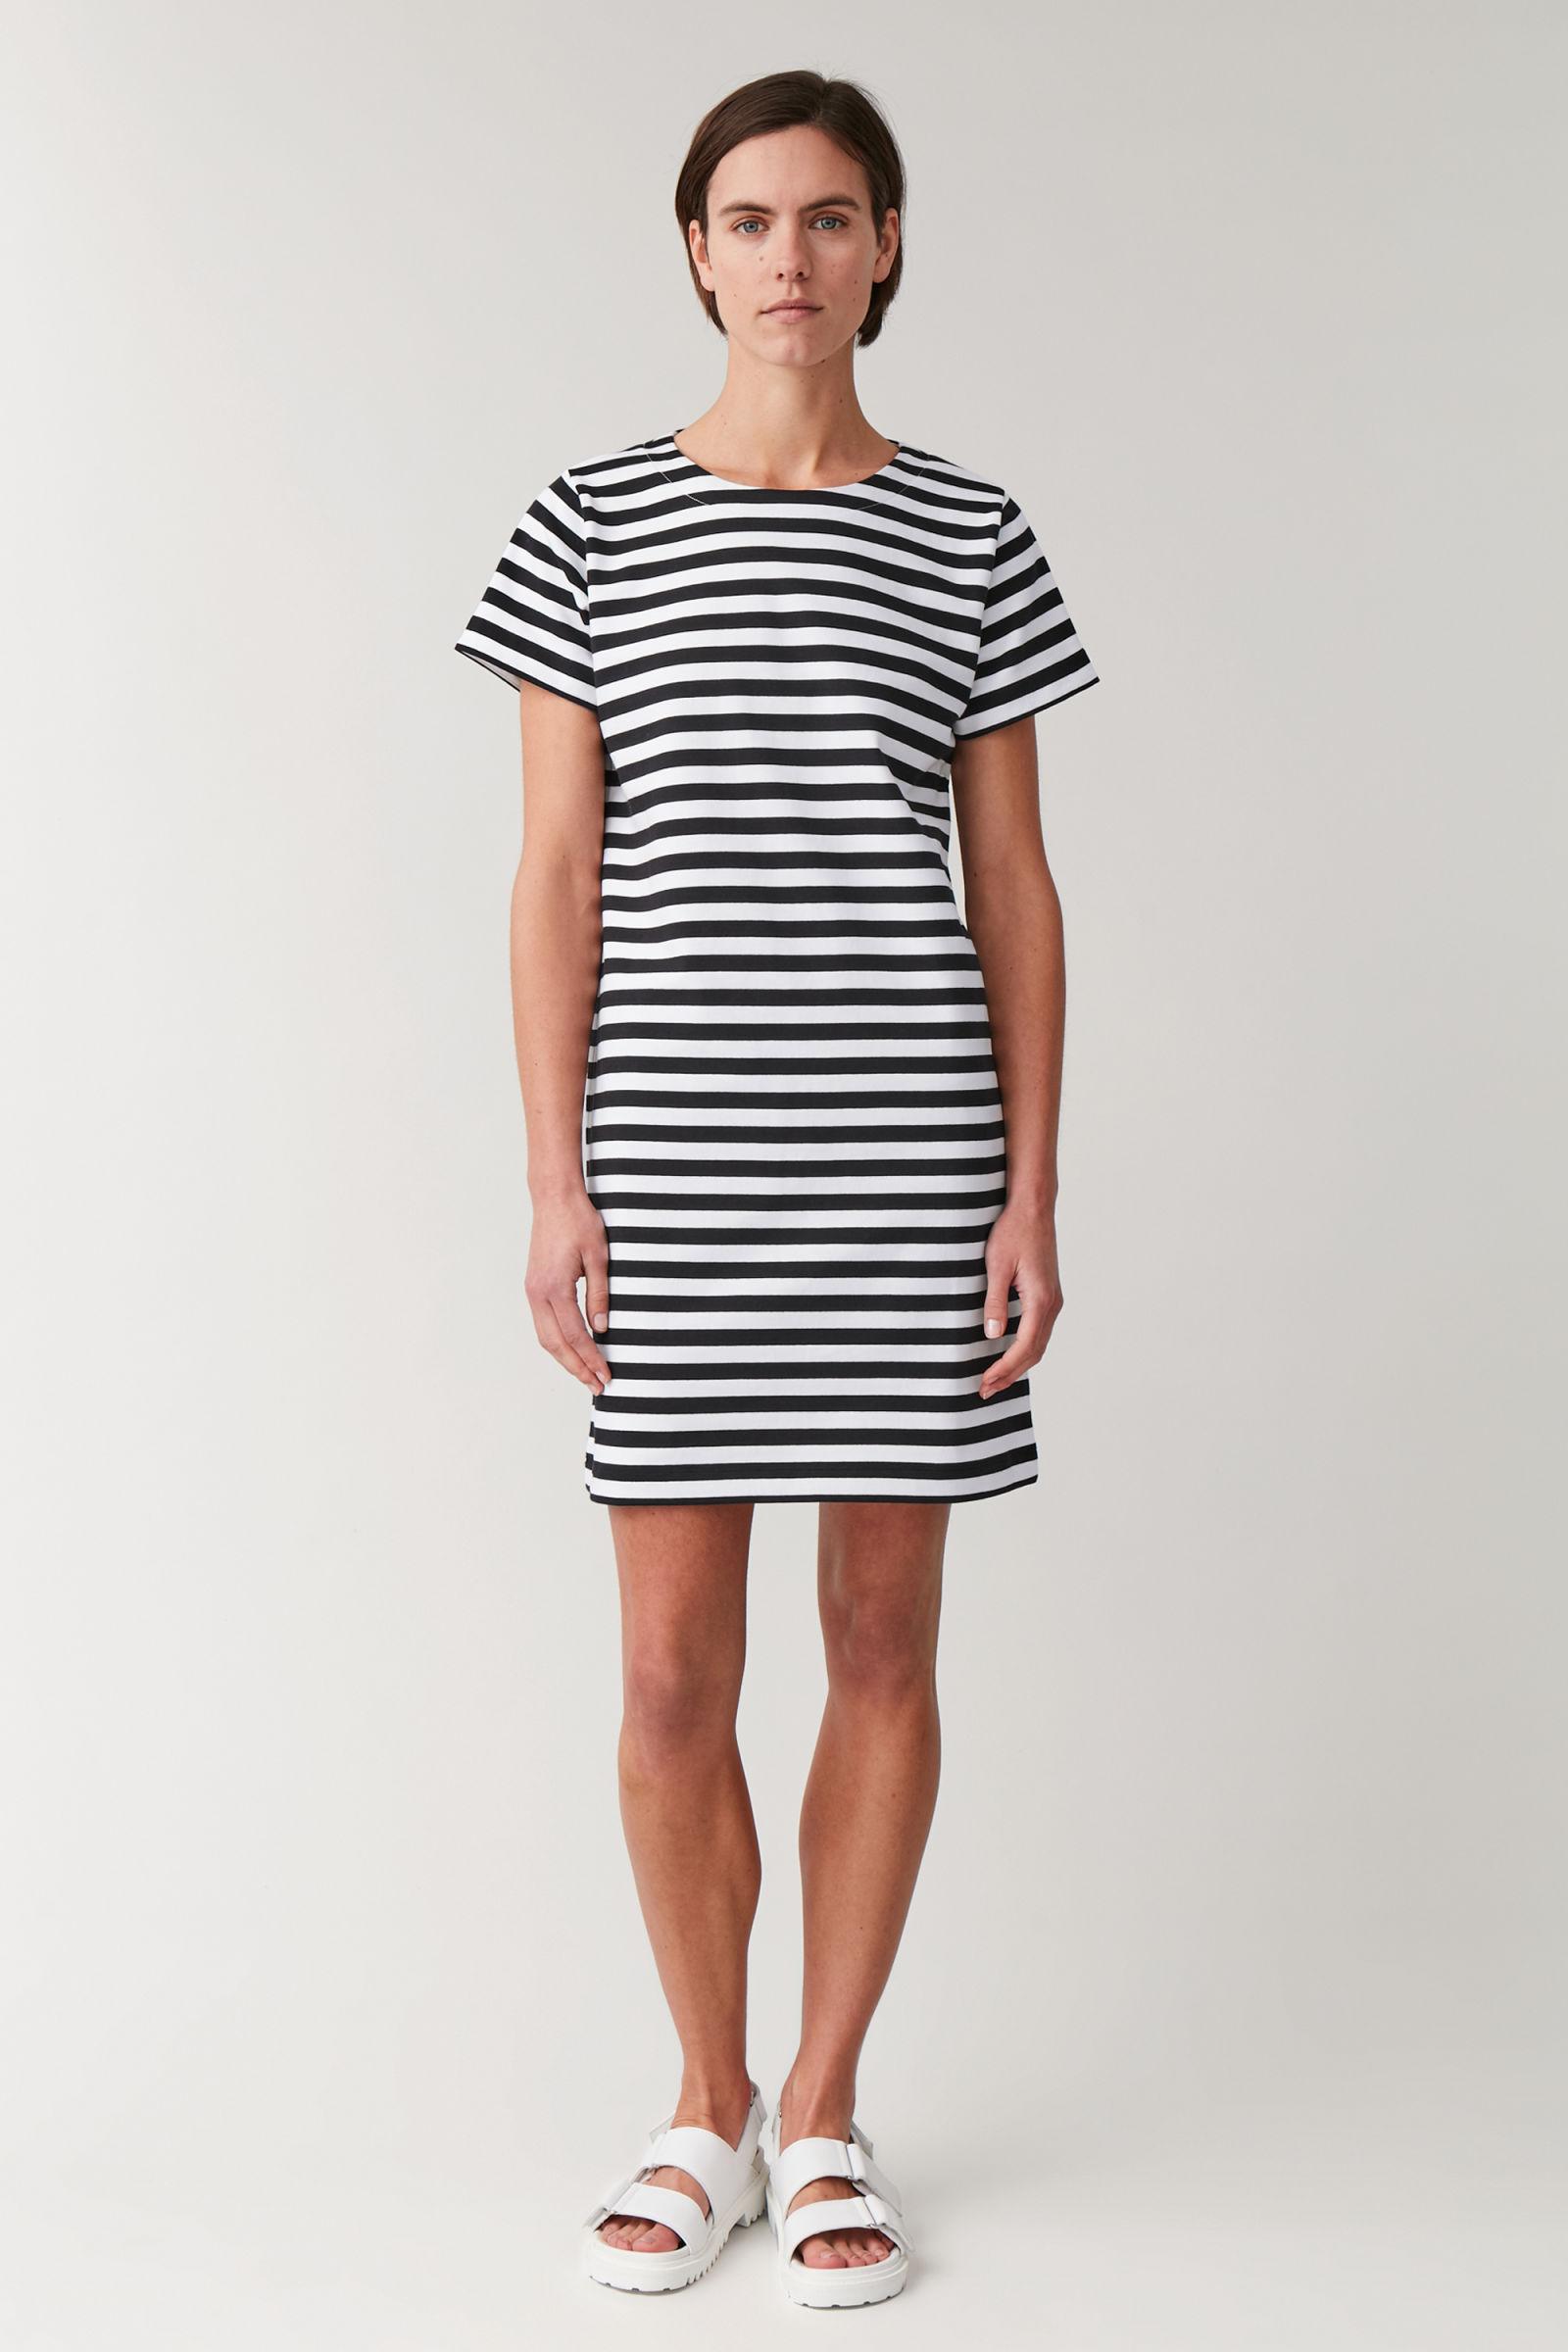 코스 원피스 COS STRIPED COTTON T-SHIRT DRESS,navy  white